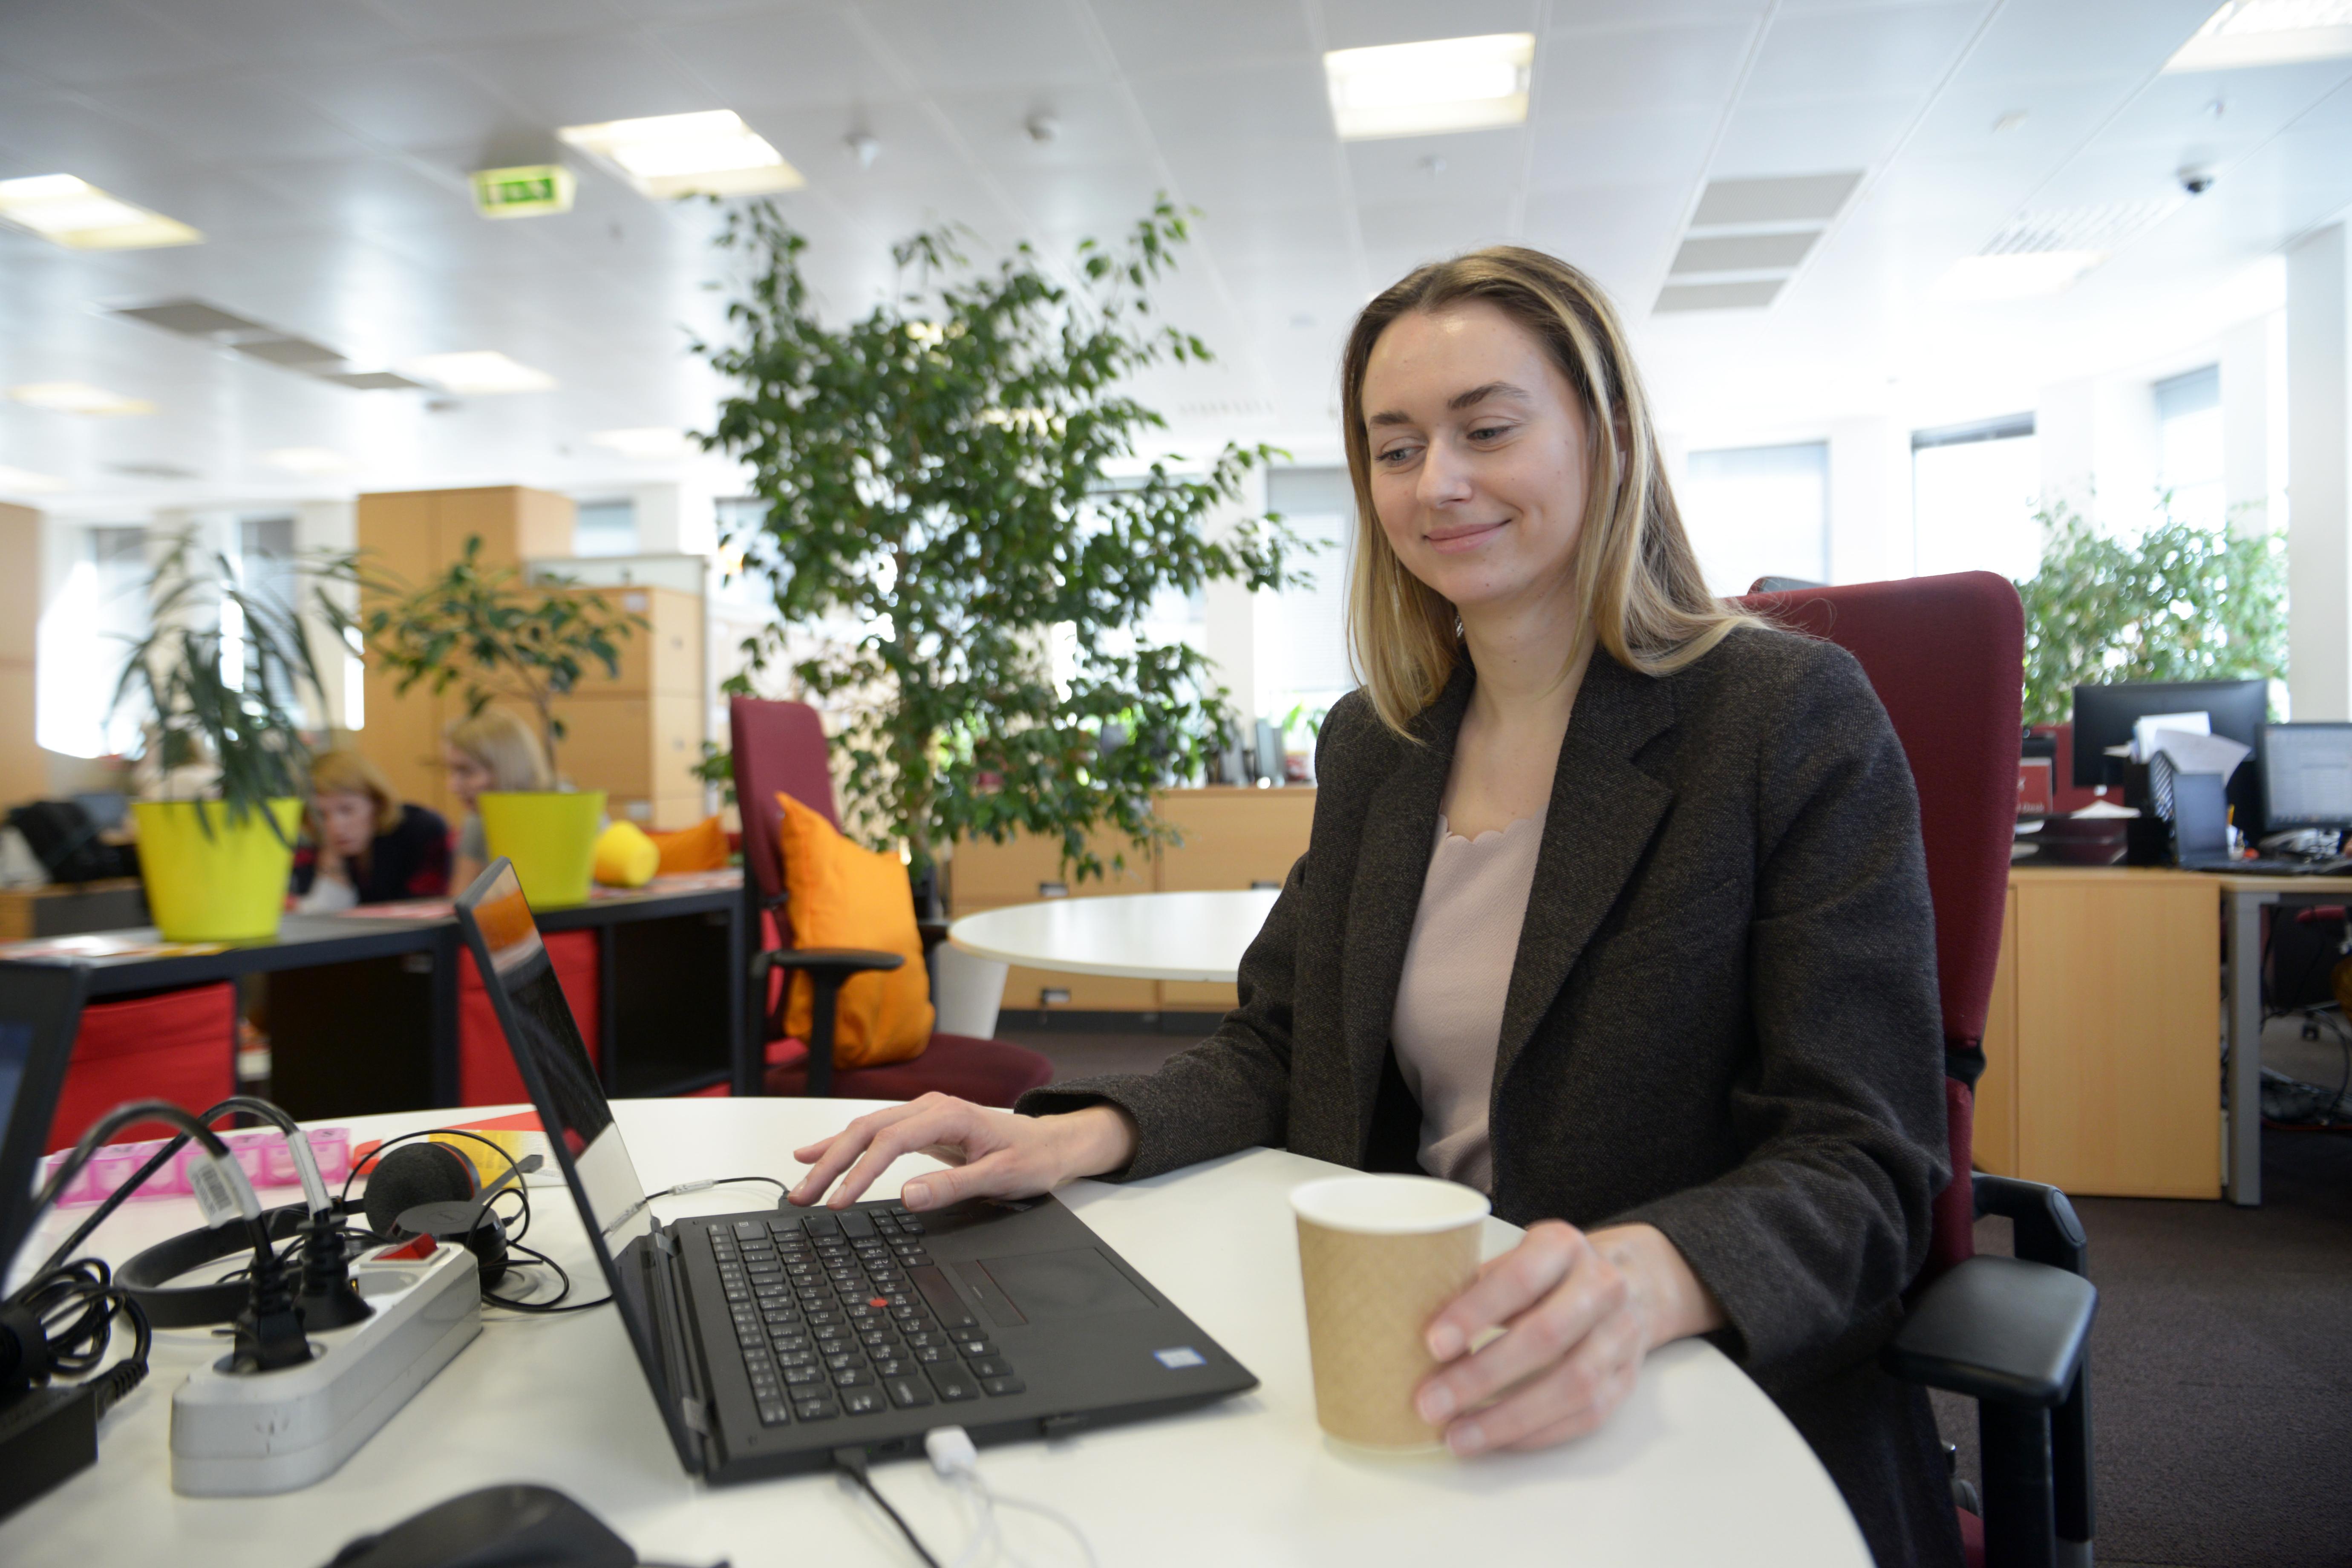 Онлайн-урок по повышению компьютерной грамотности проведут в Чертанове Северном